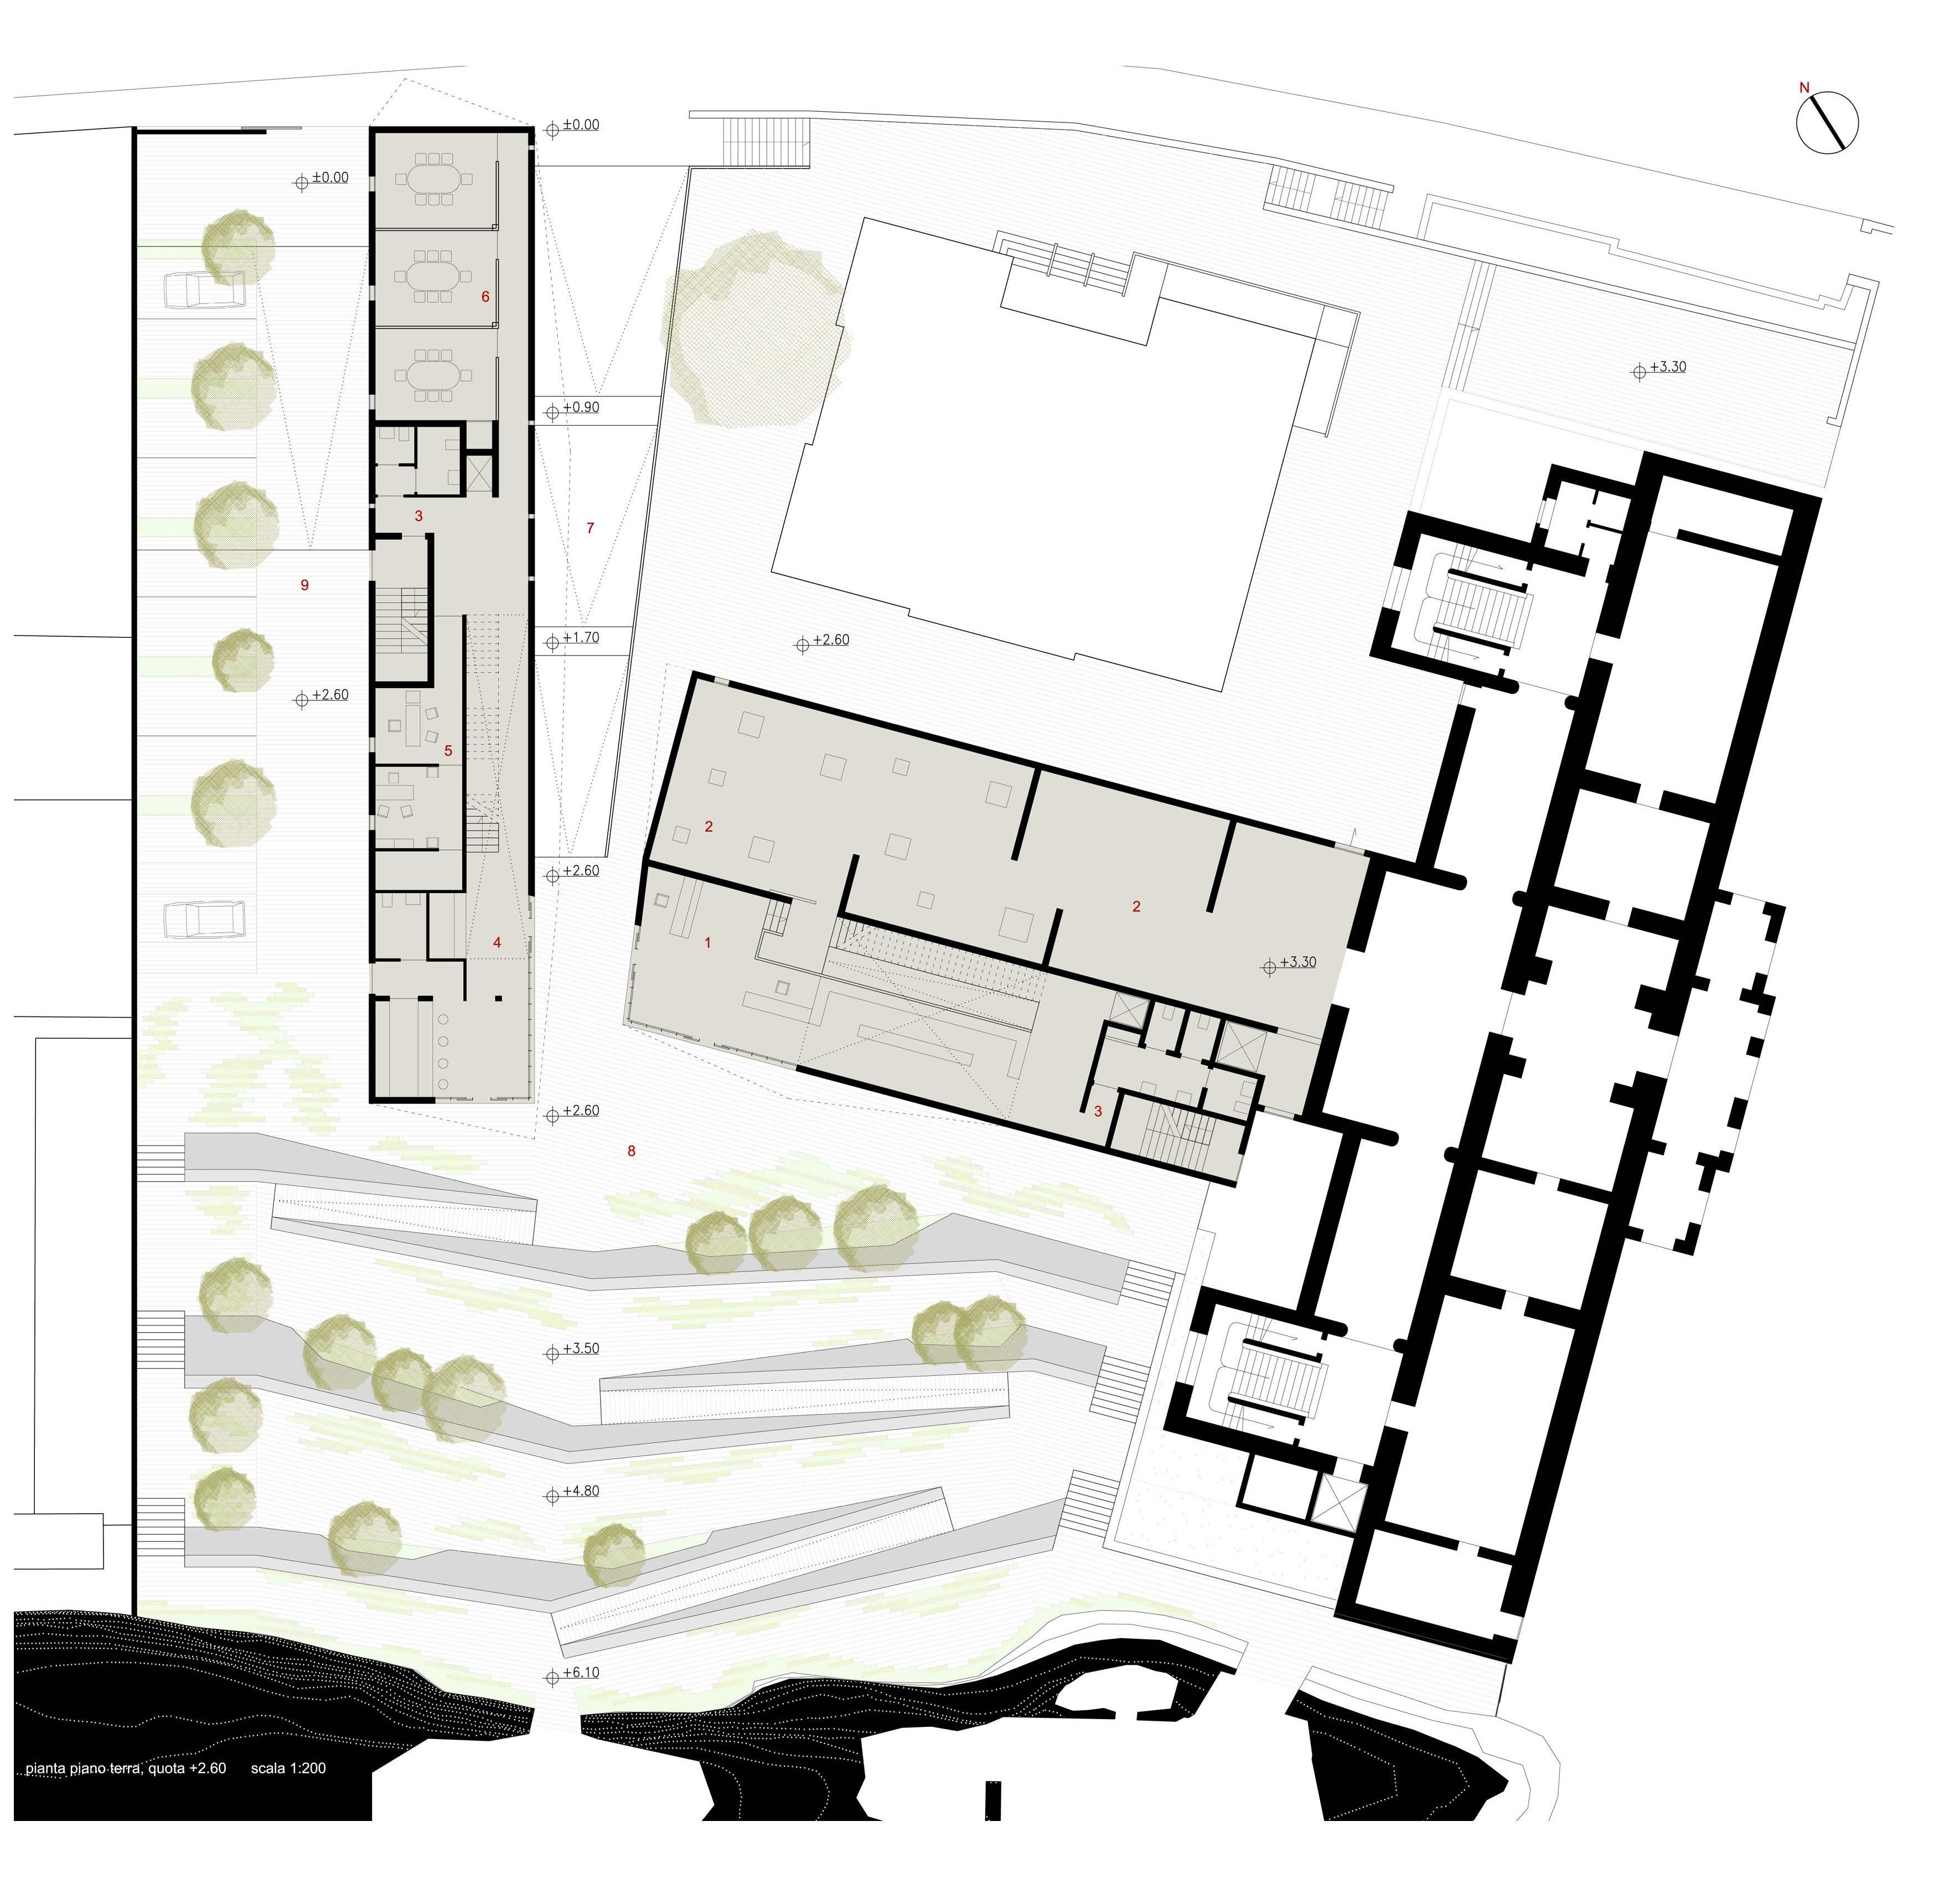 Ampliamento della Galleria Comunale d'Arte e la riqualificazione dell'area pertinente.